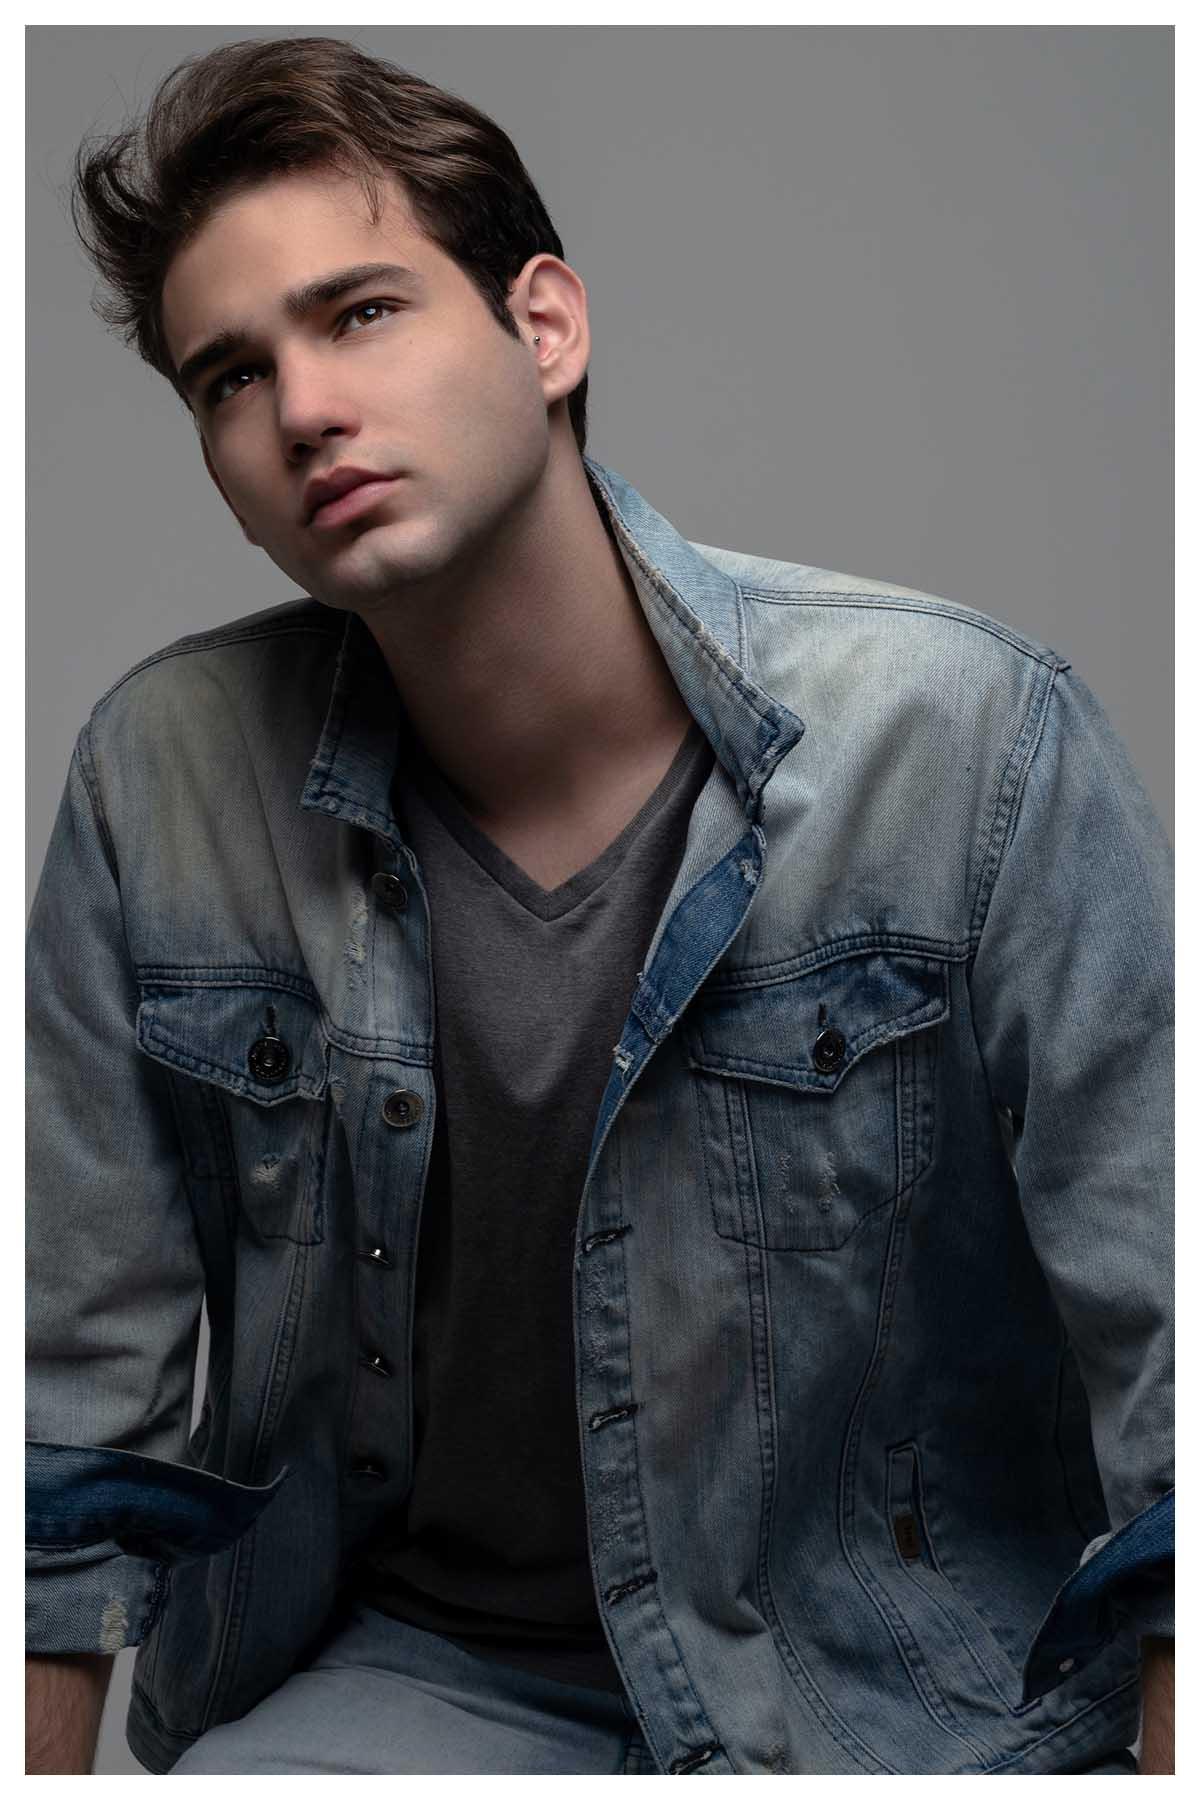 Pedro Arrais by Luciano Moraes for Brazilian Male Model